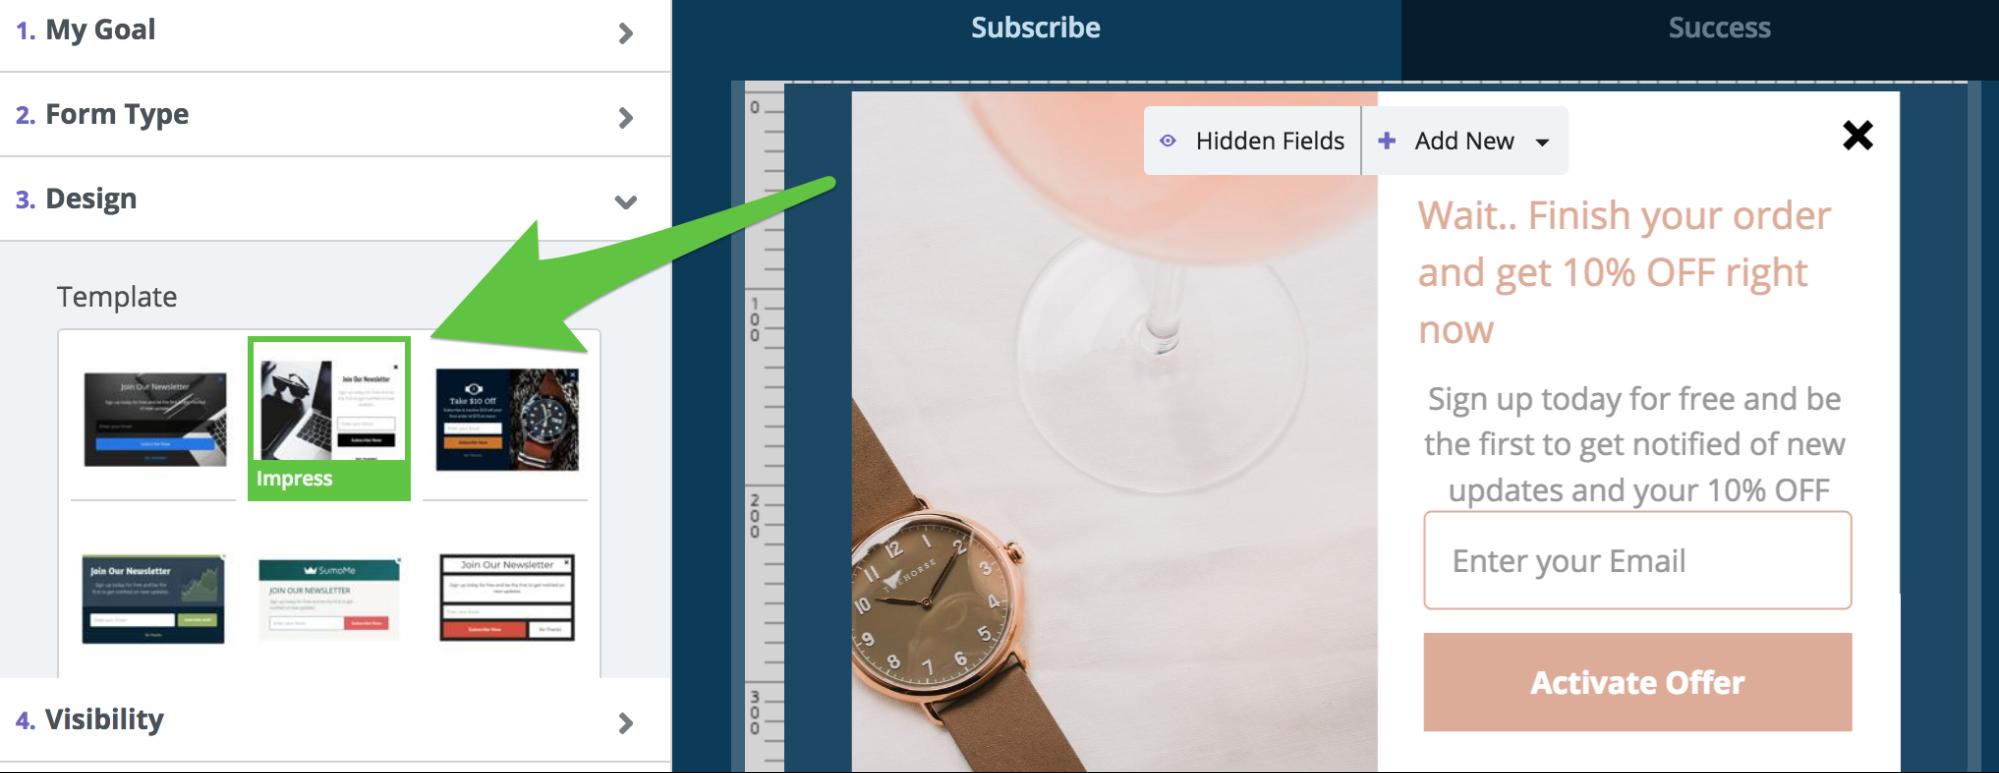 Screenshot showing Sumo popup settings